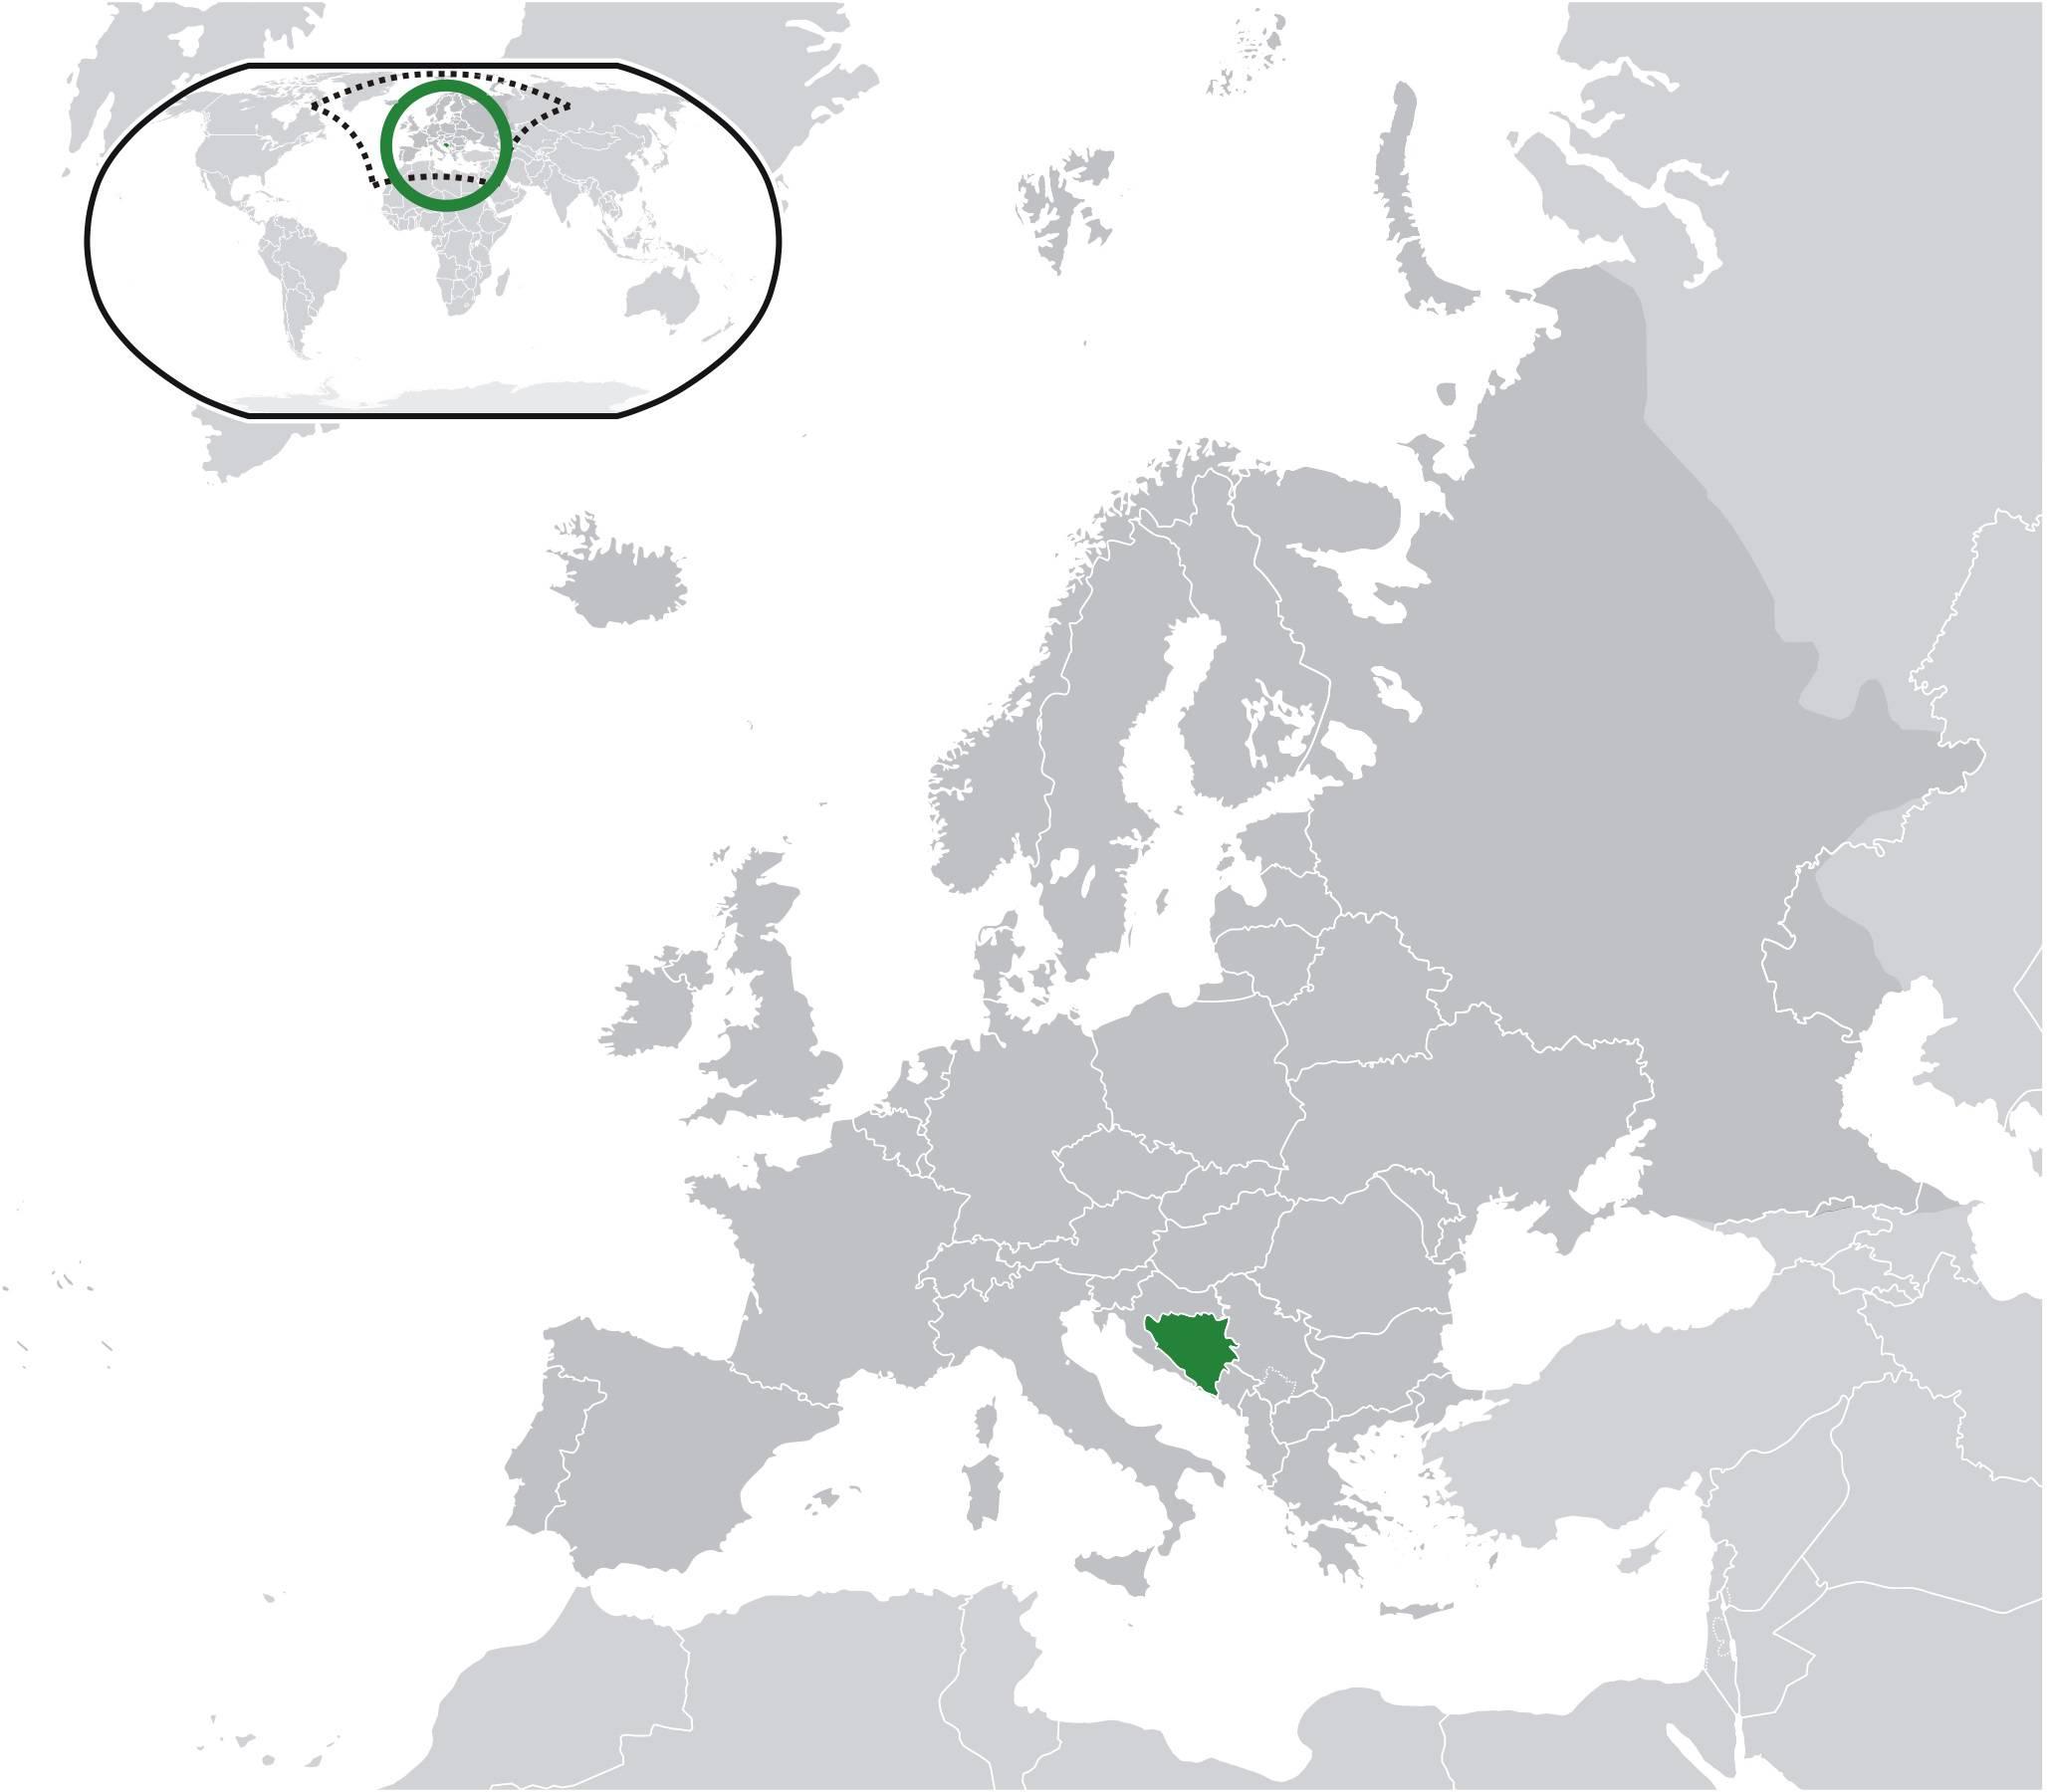 Où se trouve la Bosnie-Herzégovine sur une carte de l'Europe ?